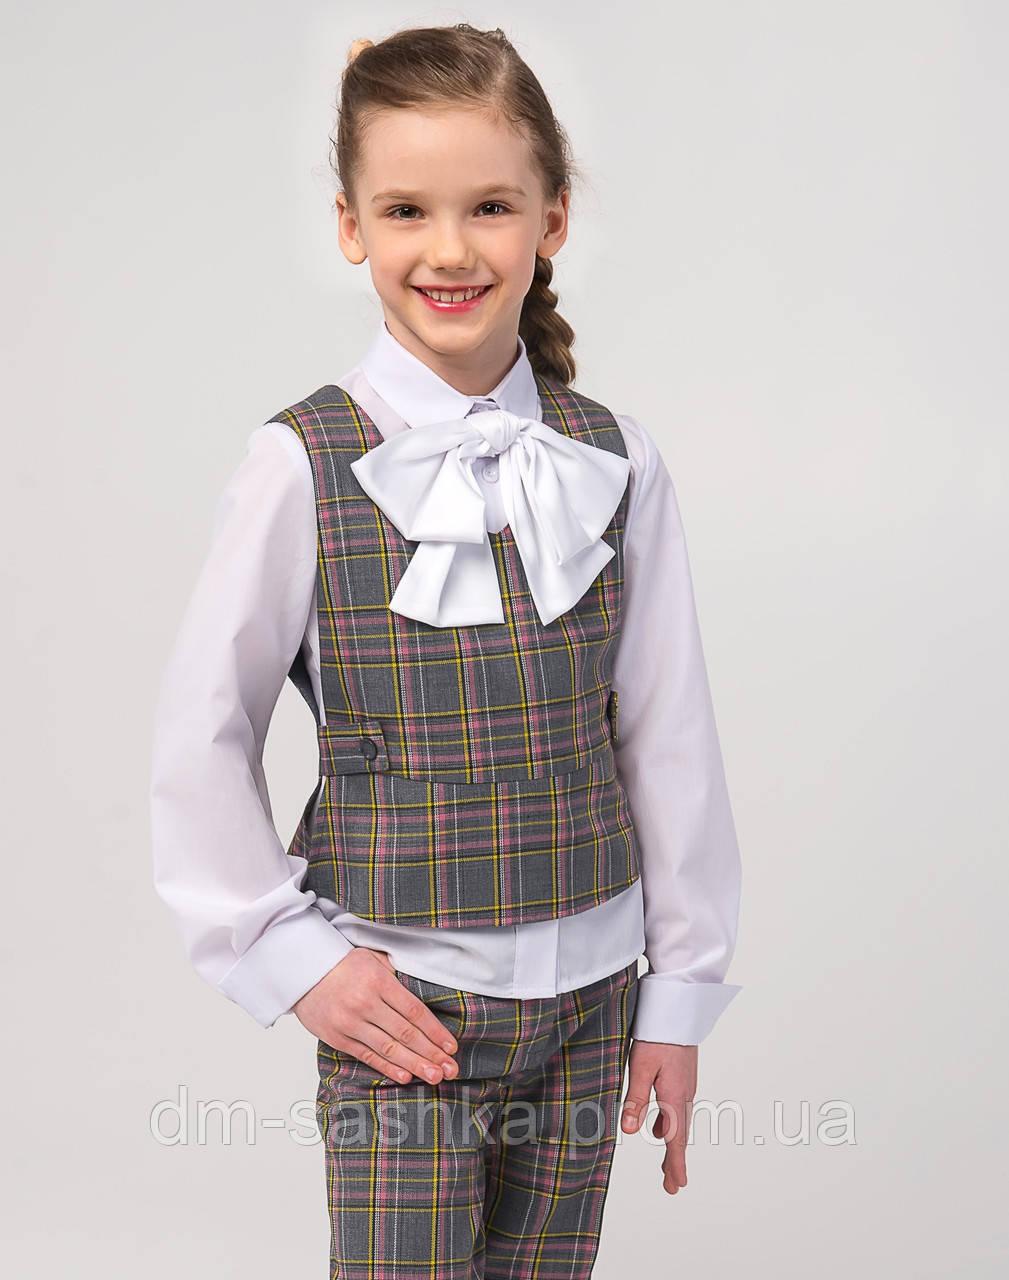 Жилет школьный для девочки серый